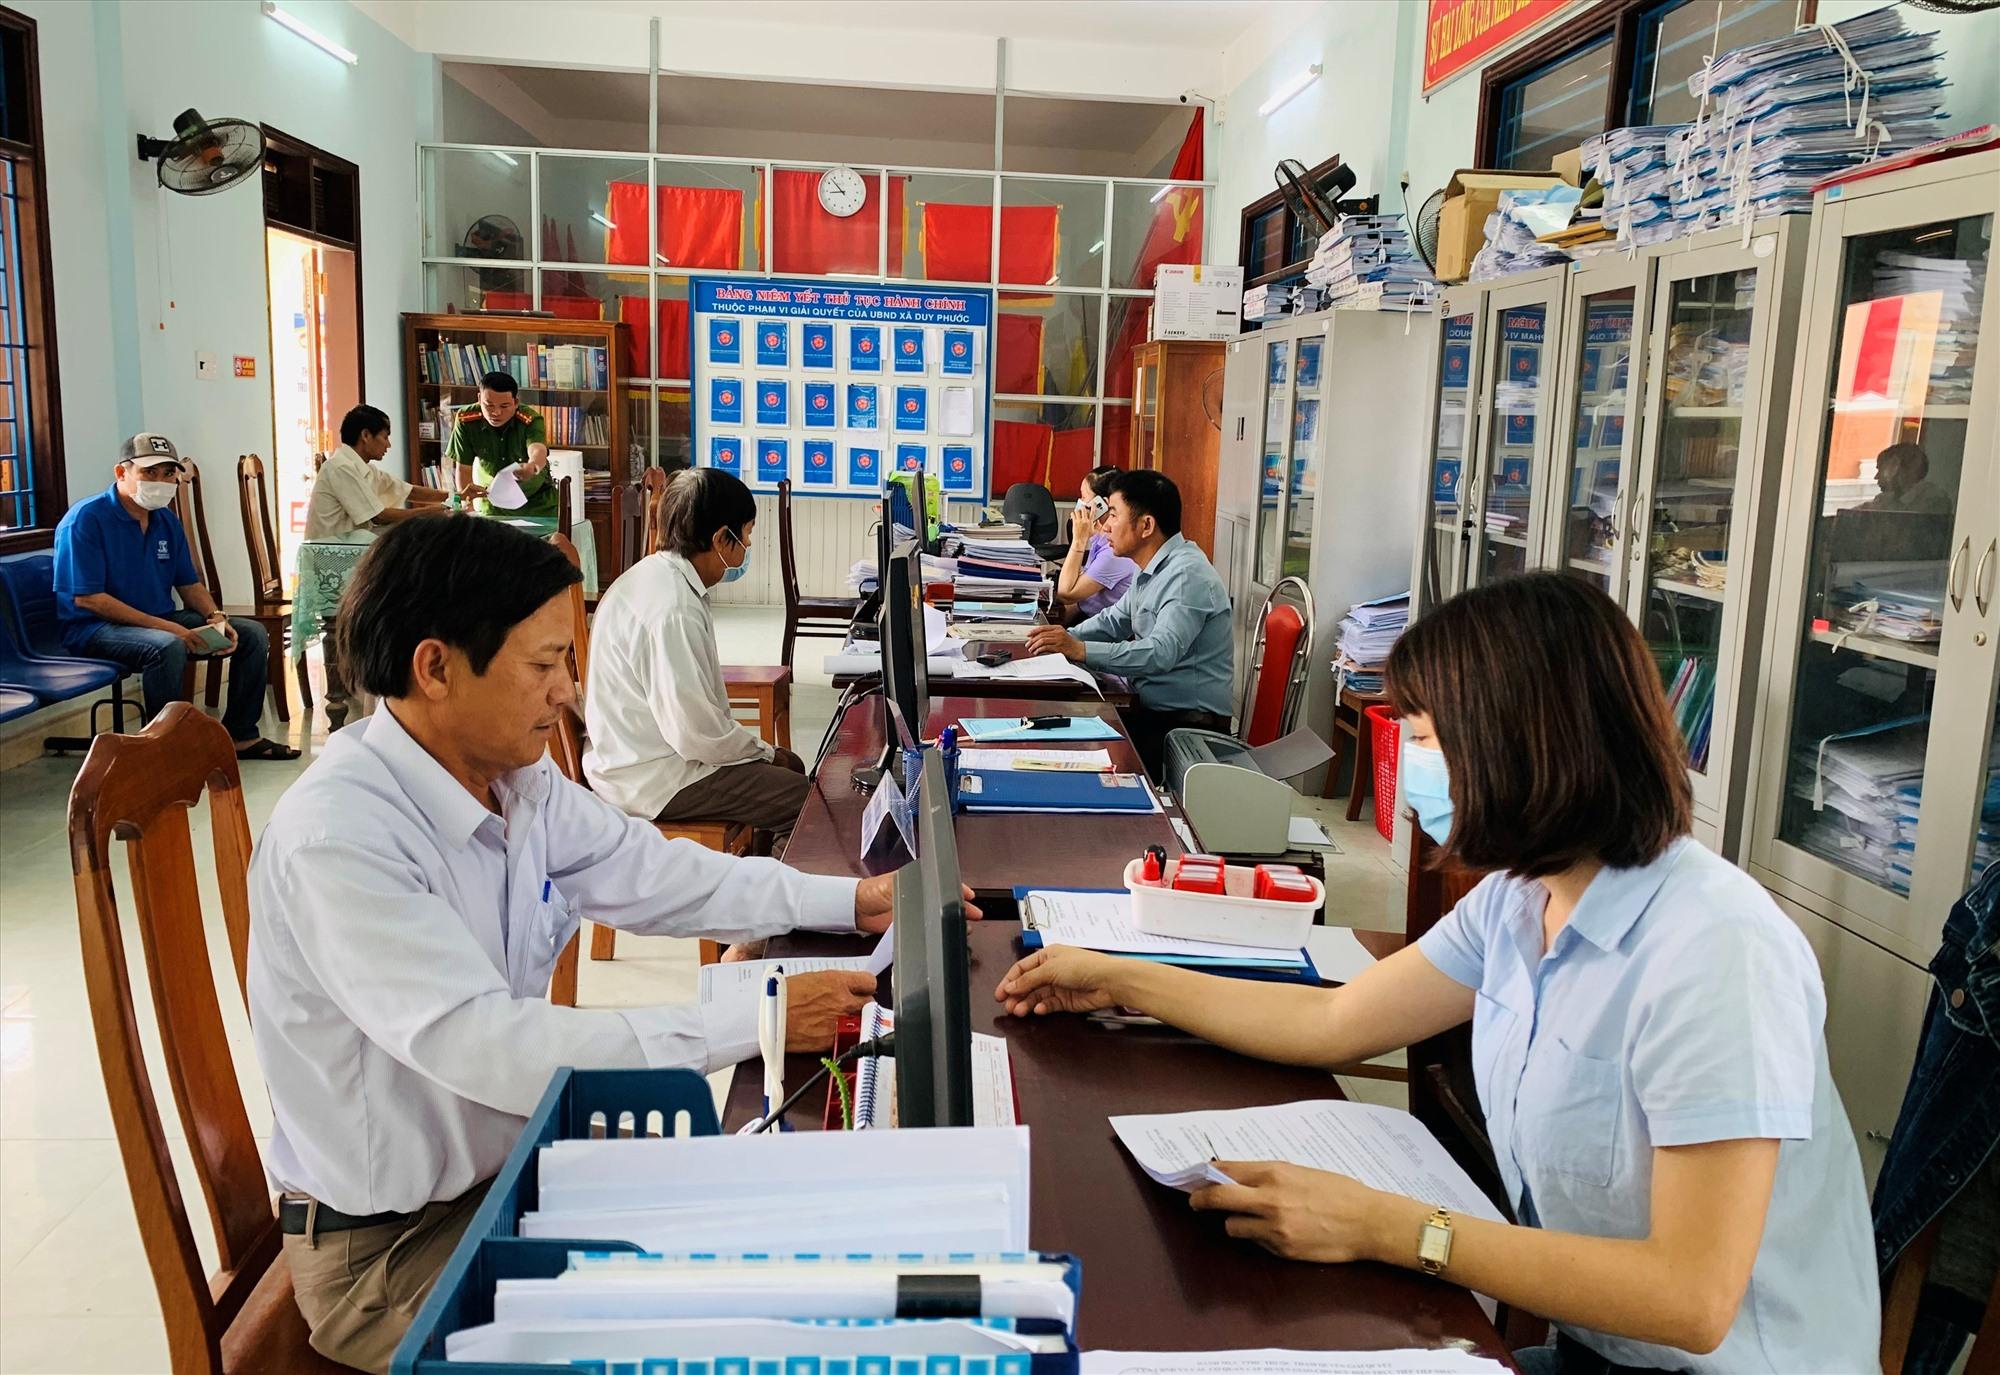 Thời gian qua, huyện Duy Xuyên tập trung thực hiện nhiều phần việc nhằm nâng cao chất lượng đội ngũ cán bộ. Ảnh: H.N